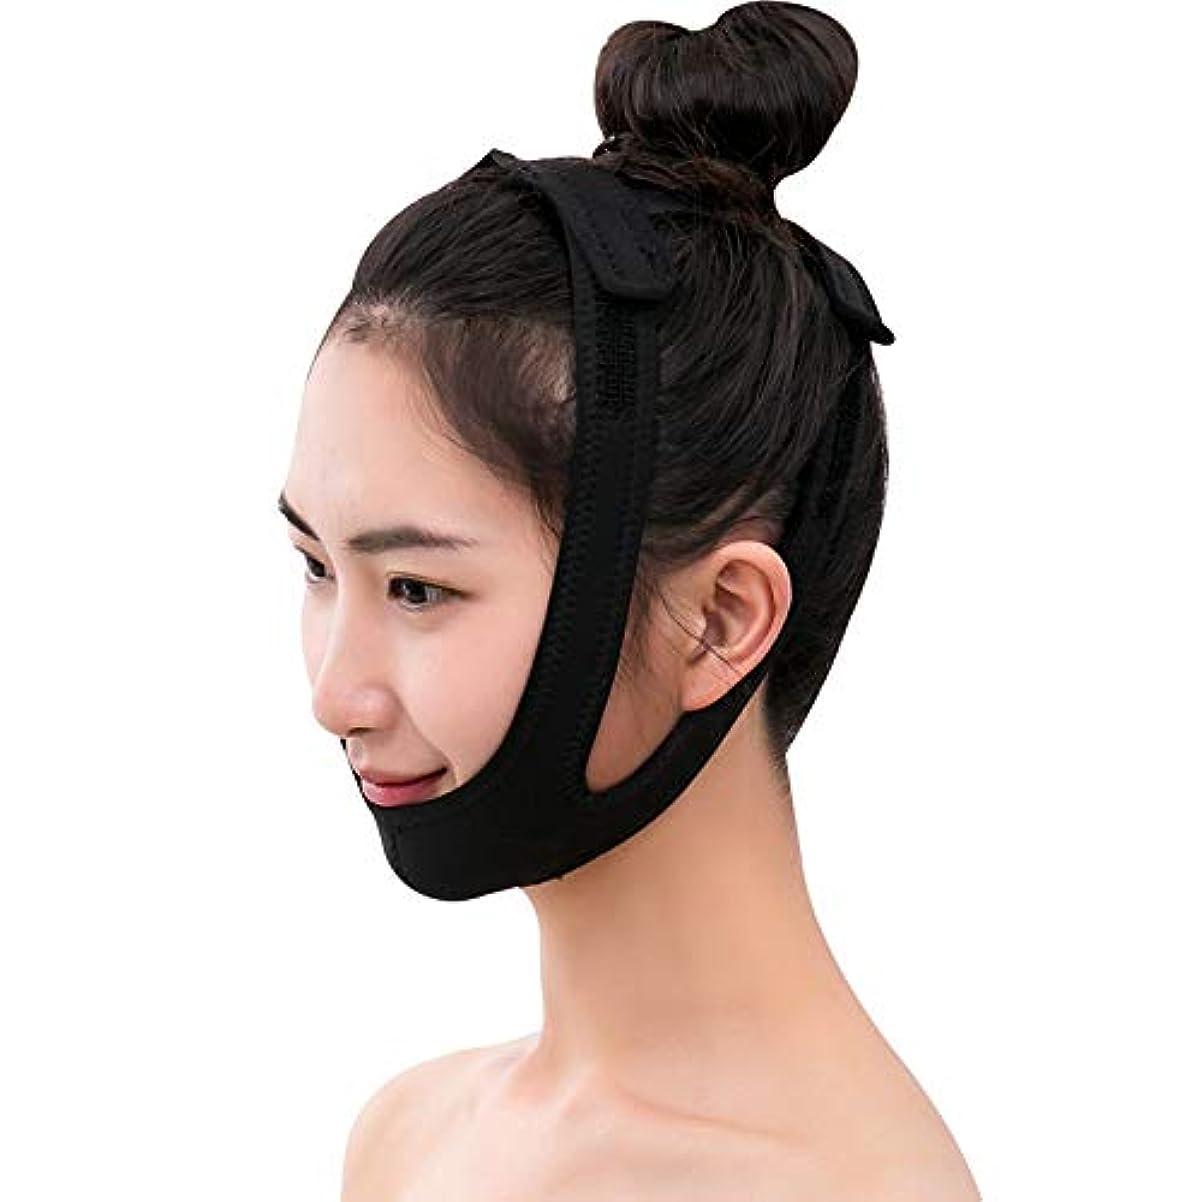 ミュウミュウ情報投票Jia Jia- フェイシャルリフティング痩身ベルト圧縮二重あご減量ベルトスキンケア薄い顔包帯二重あごワークアウト 顔面包帯